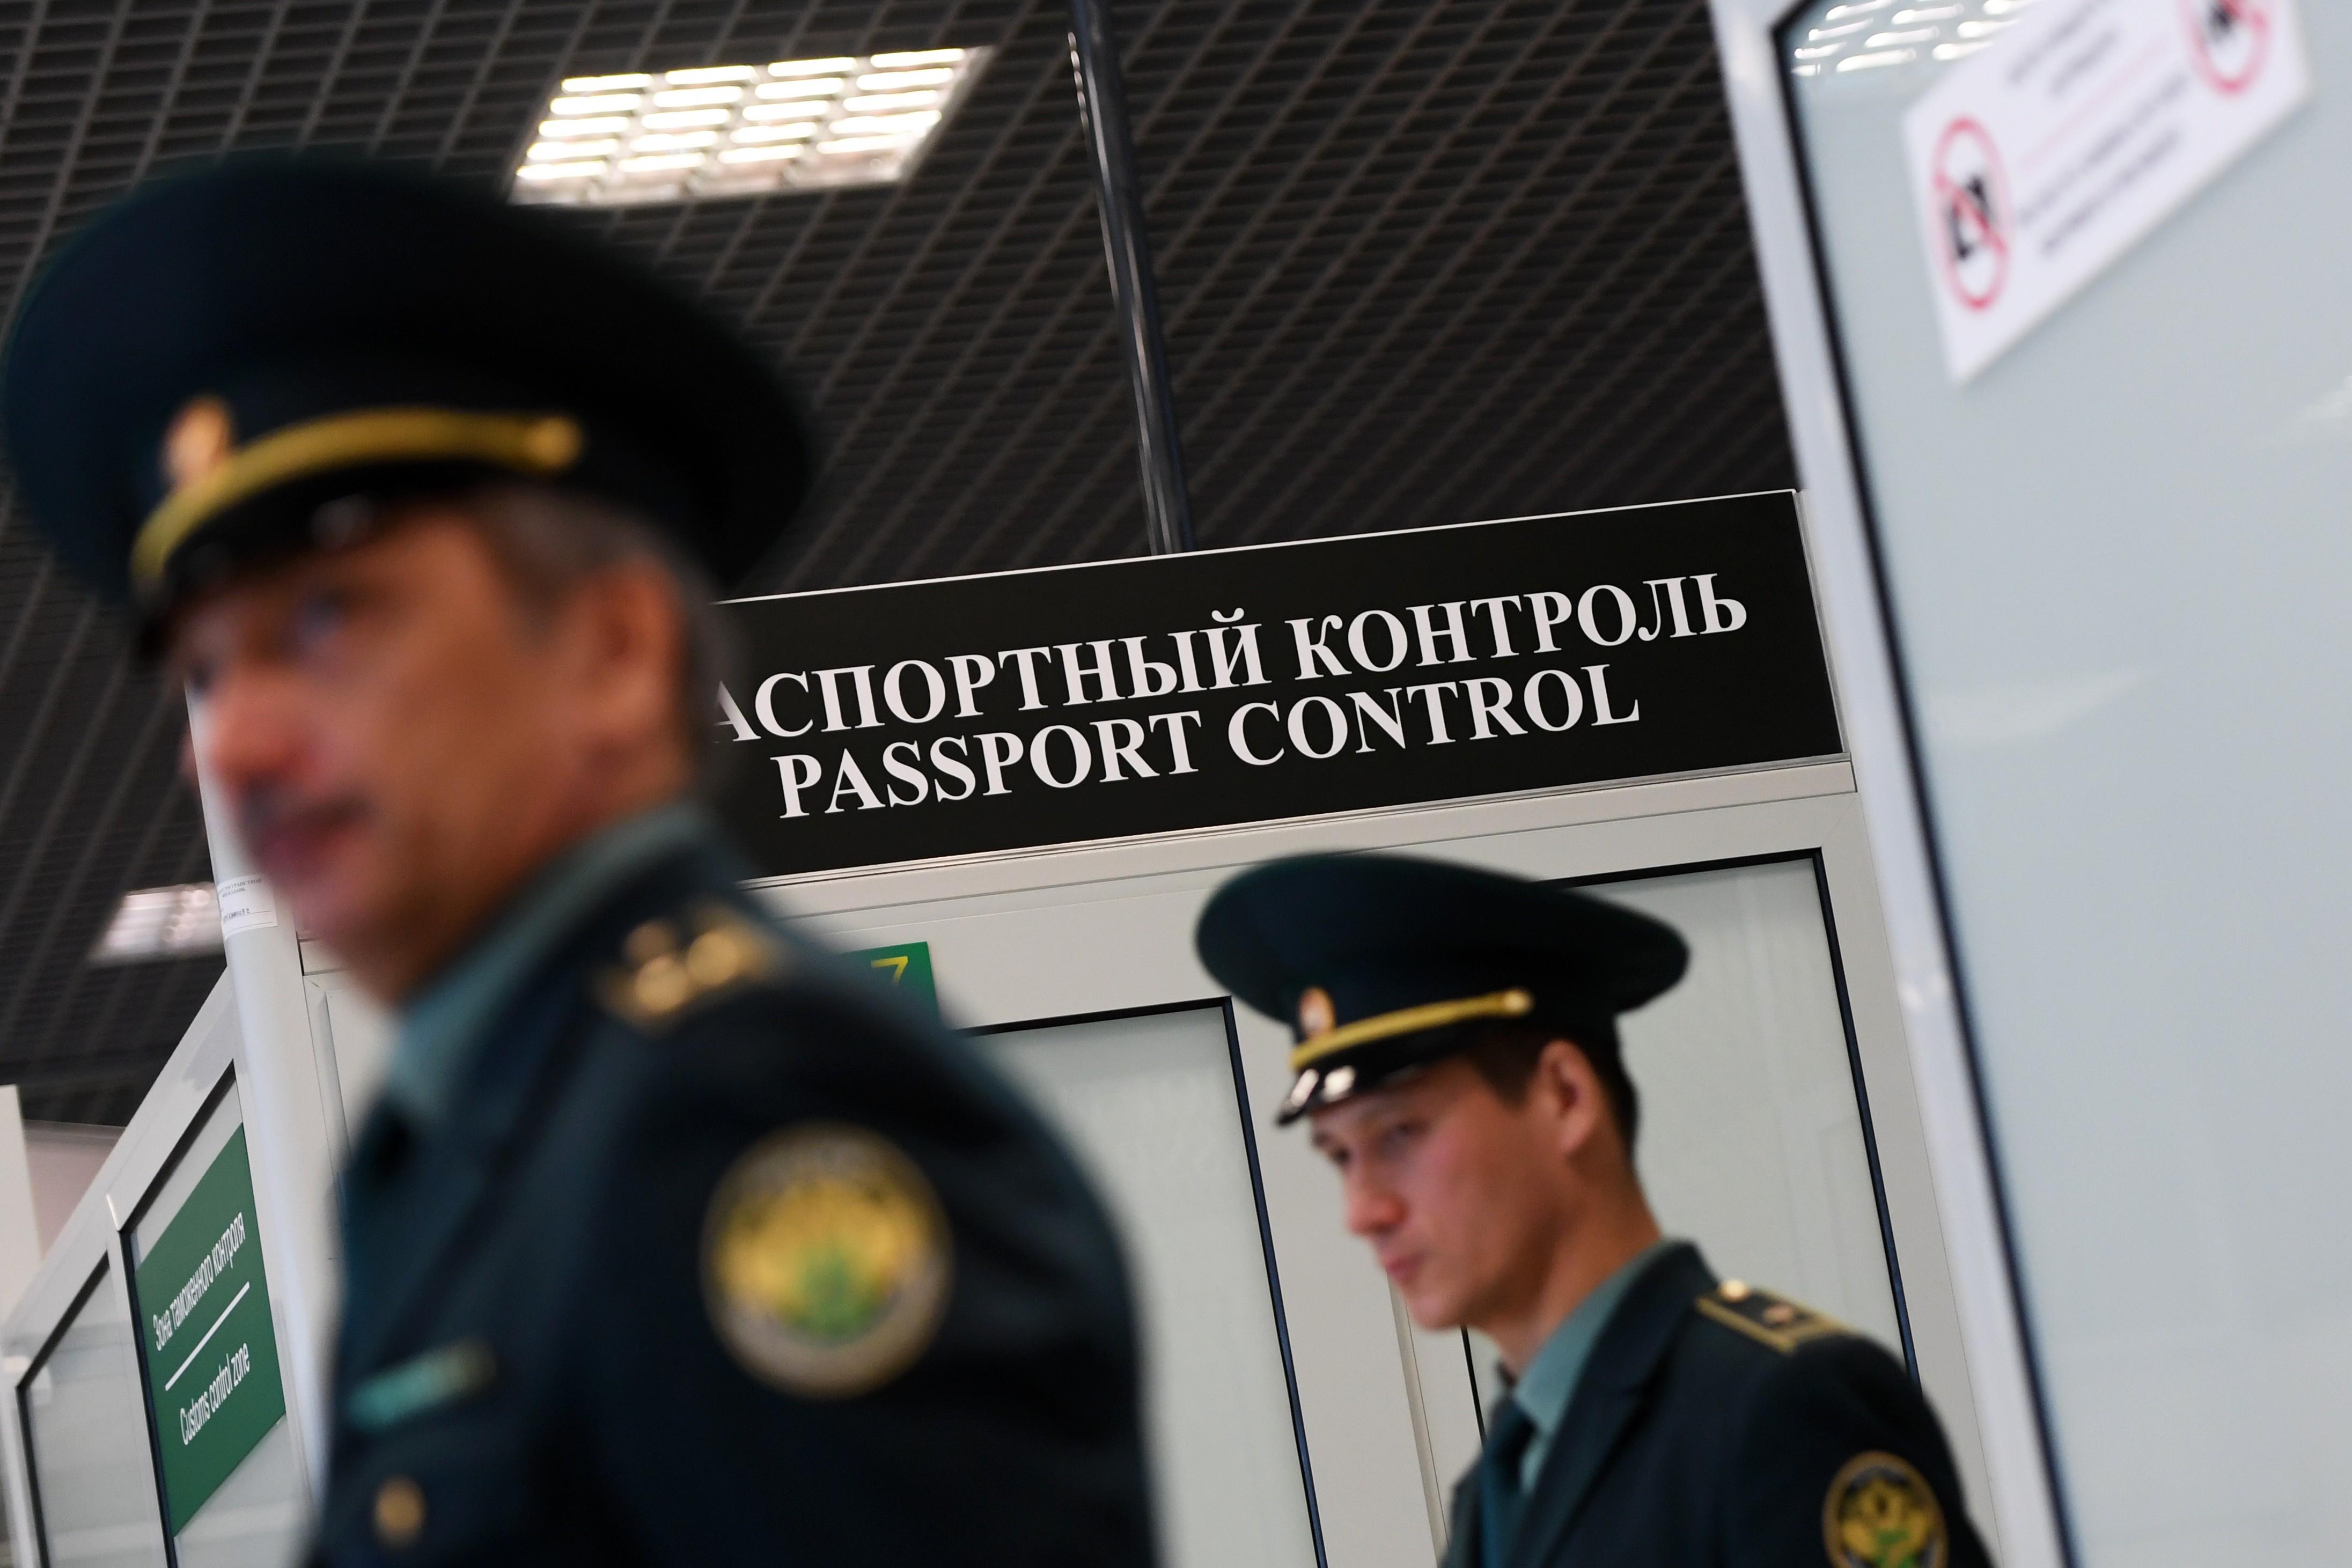 Фото © РИА Новости/Максим Богодвид